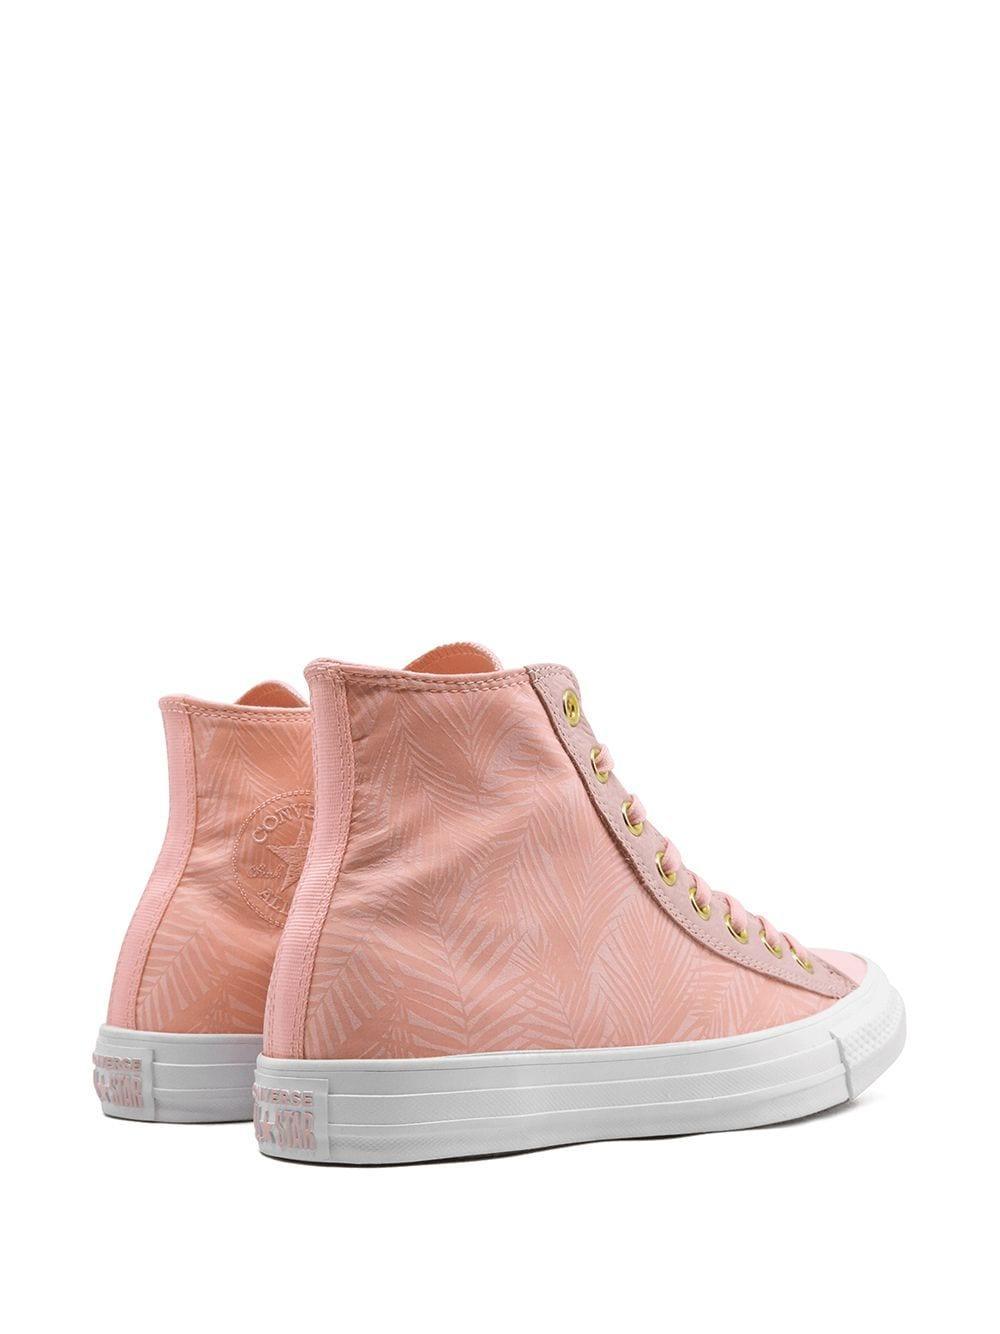 Zapatillas altas CTAS Converse de Lona de color Rosa